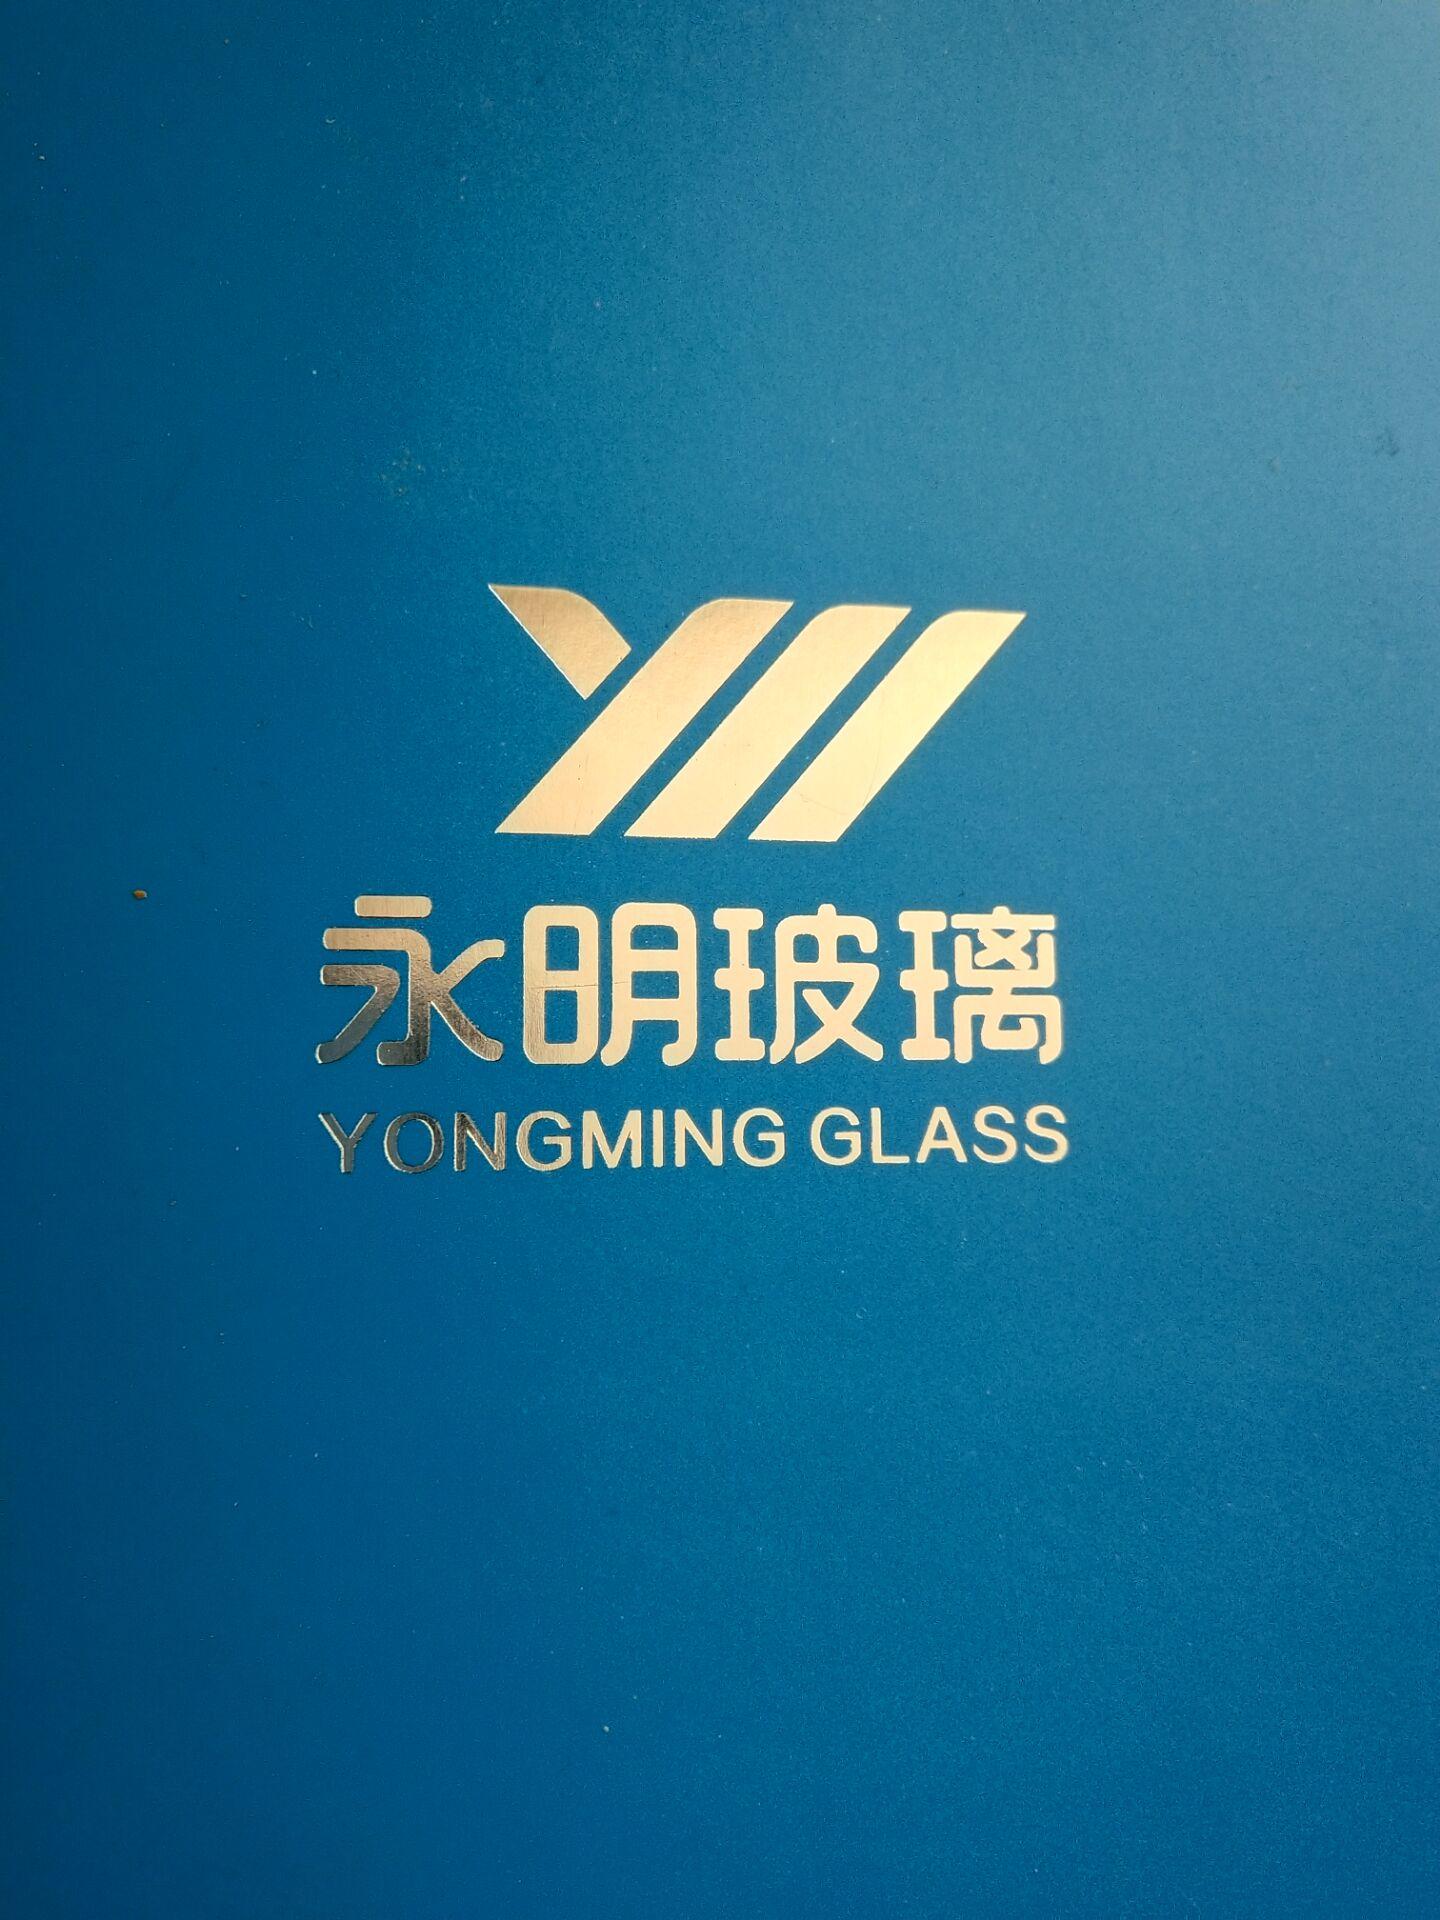 包头市永明玻璃有限公司